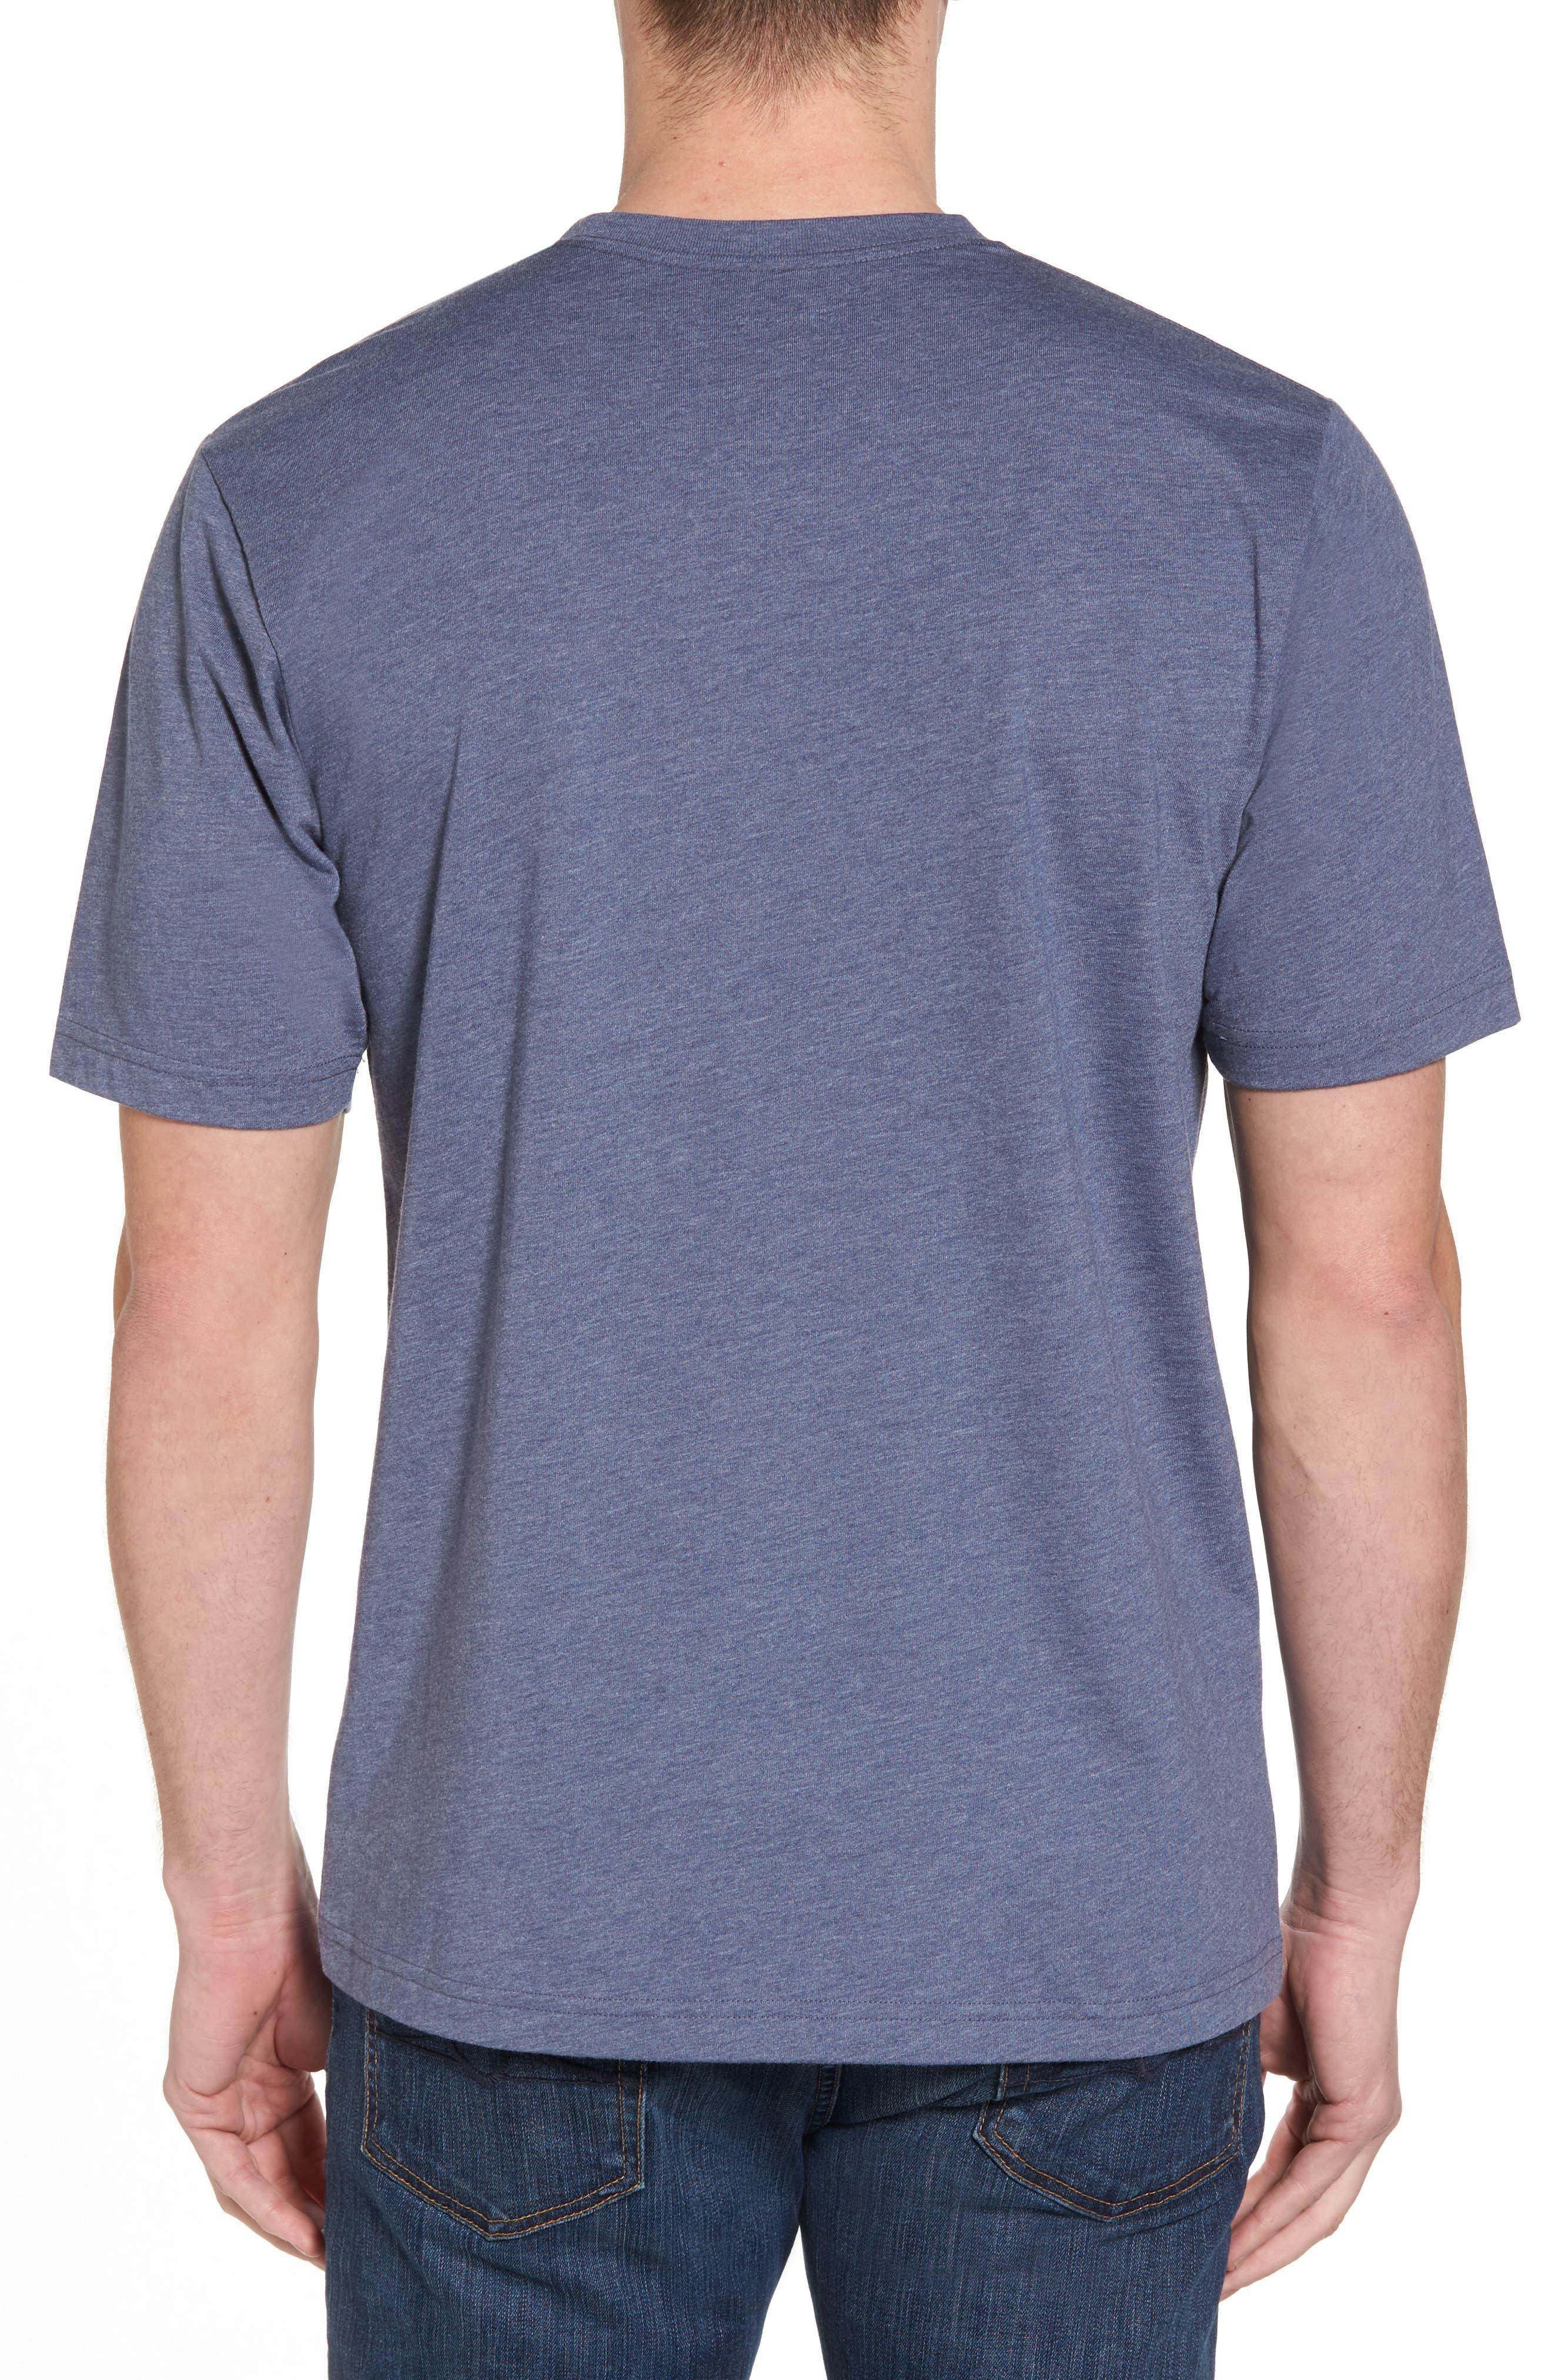 Drebo Graphic T-Shirt,                             Alternate thumbnail 2, color,                             400